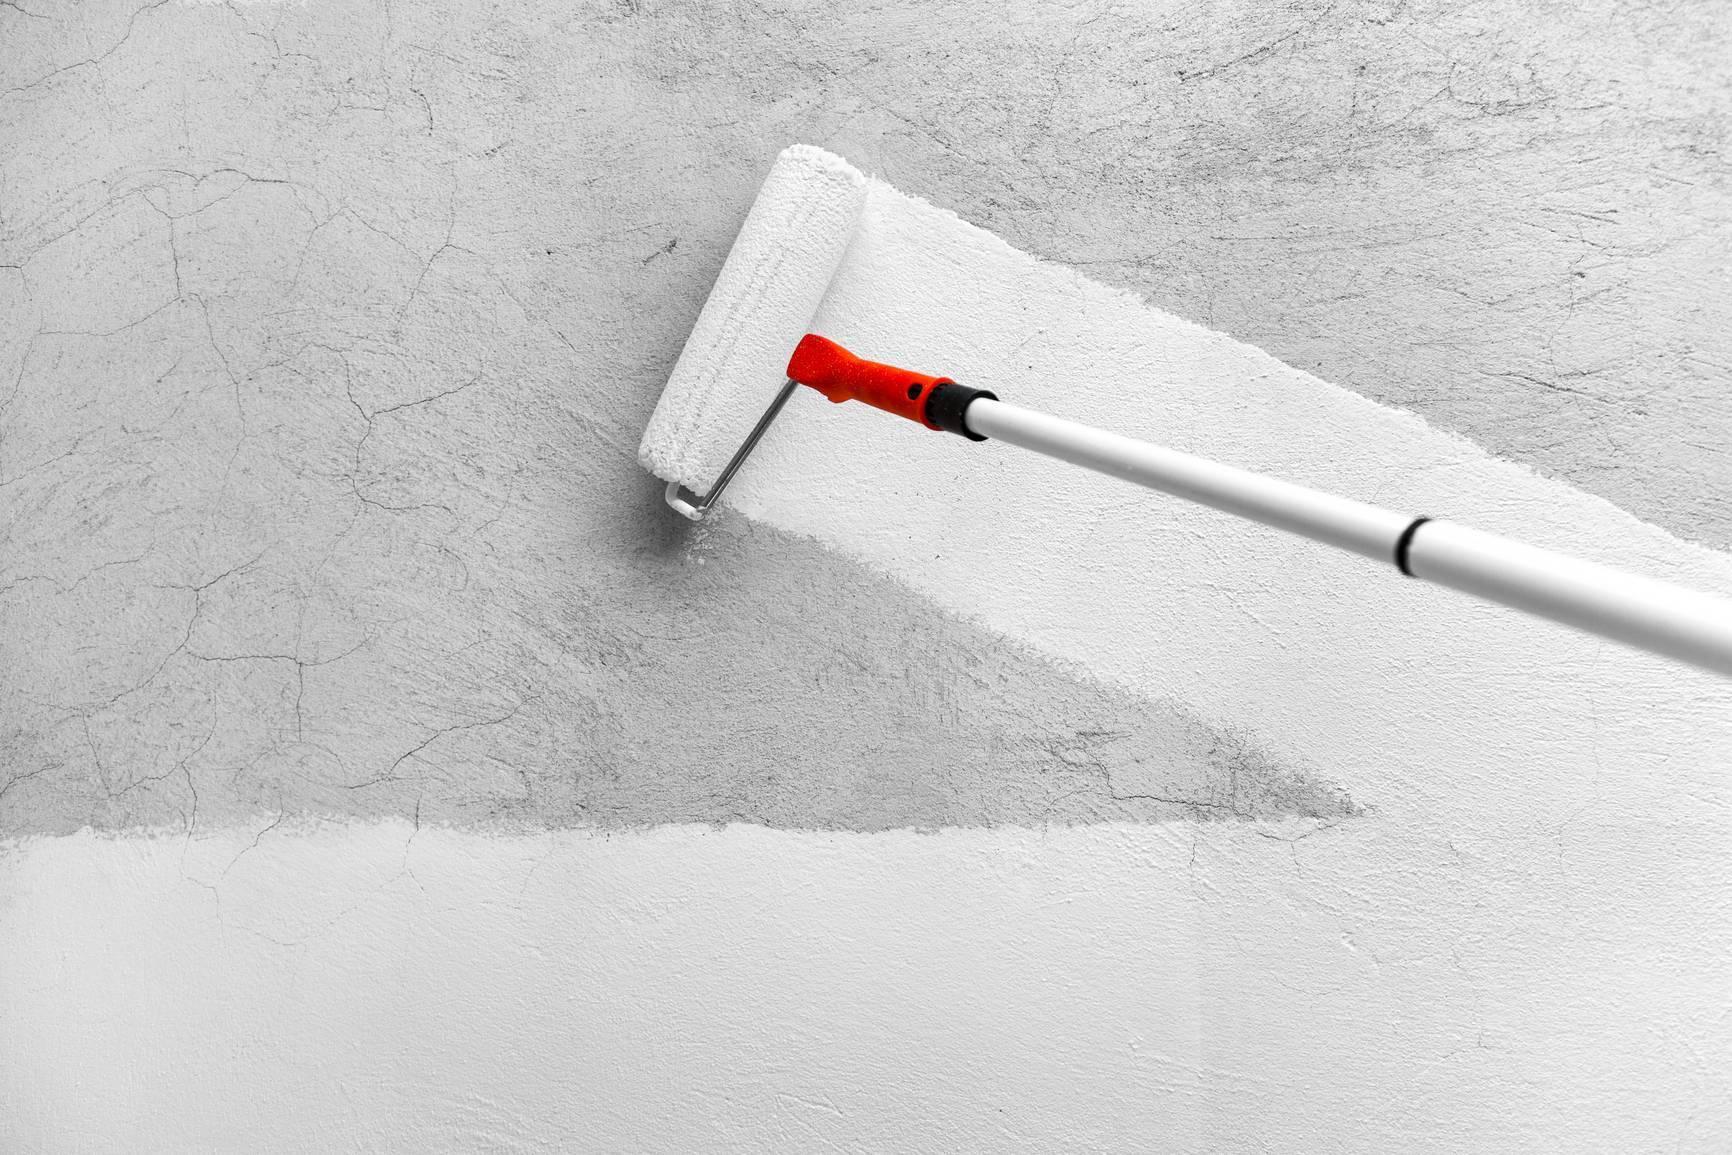 Покраска штукатурки: выбор краски и порядок работ